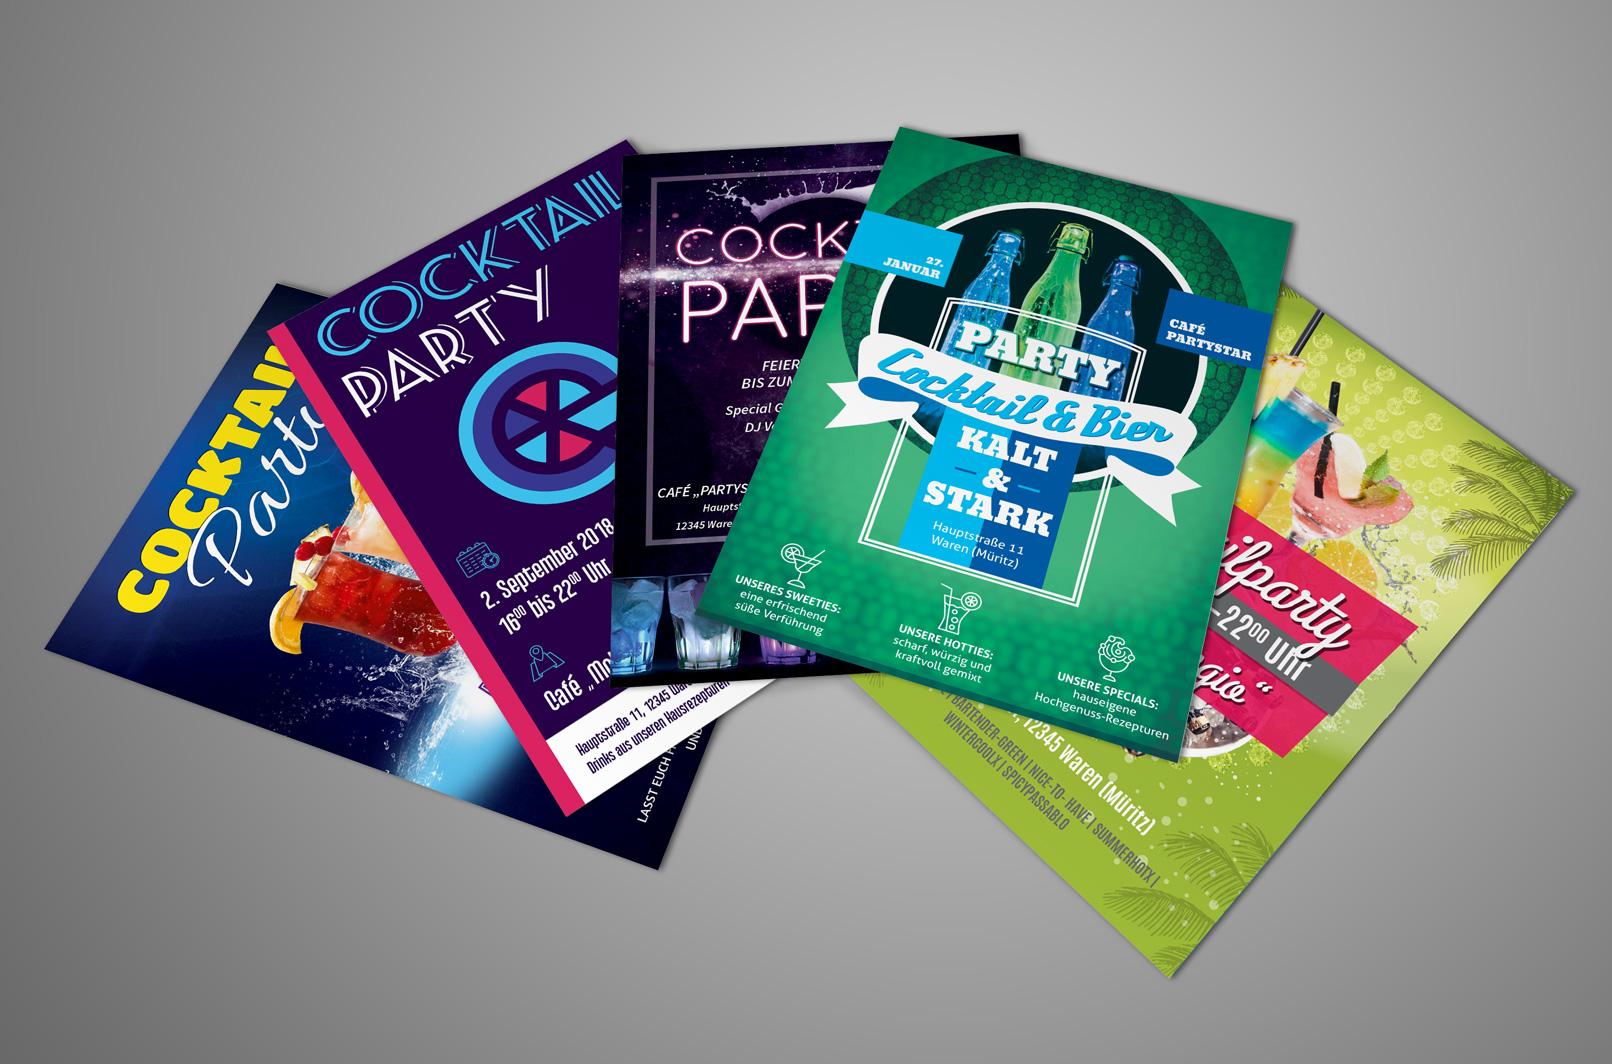 Vorlagen für Poster, Flyer und Plakate für Cocktailpartys